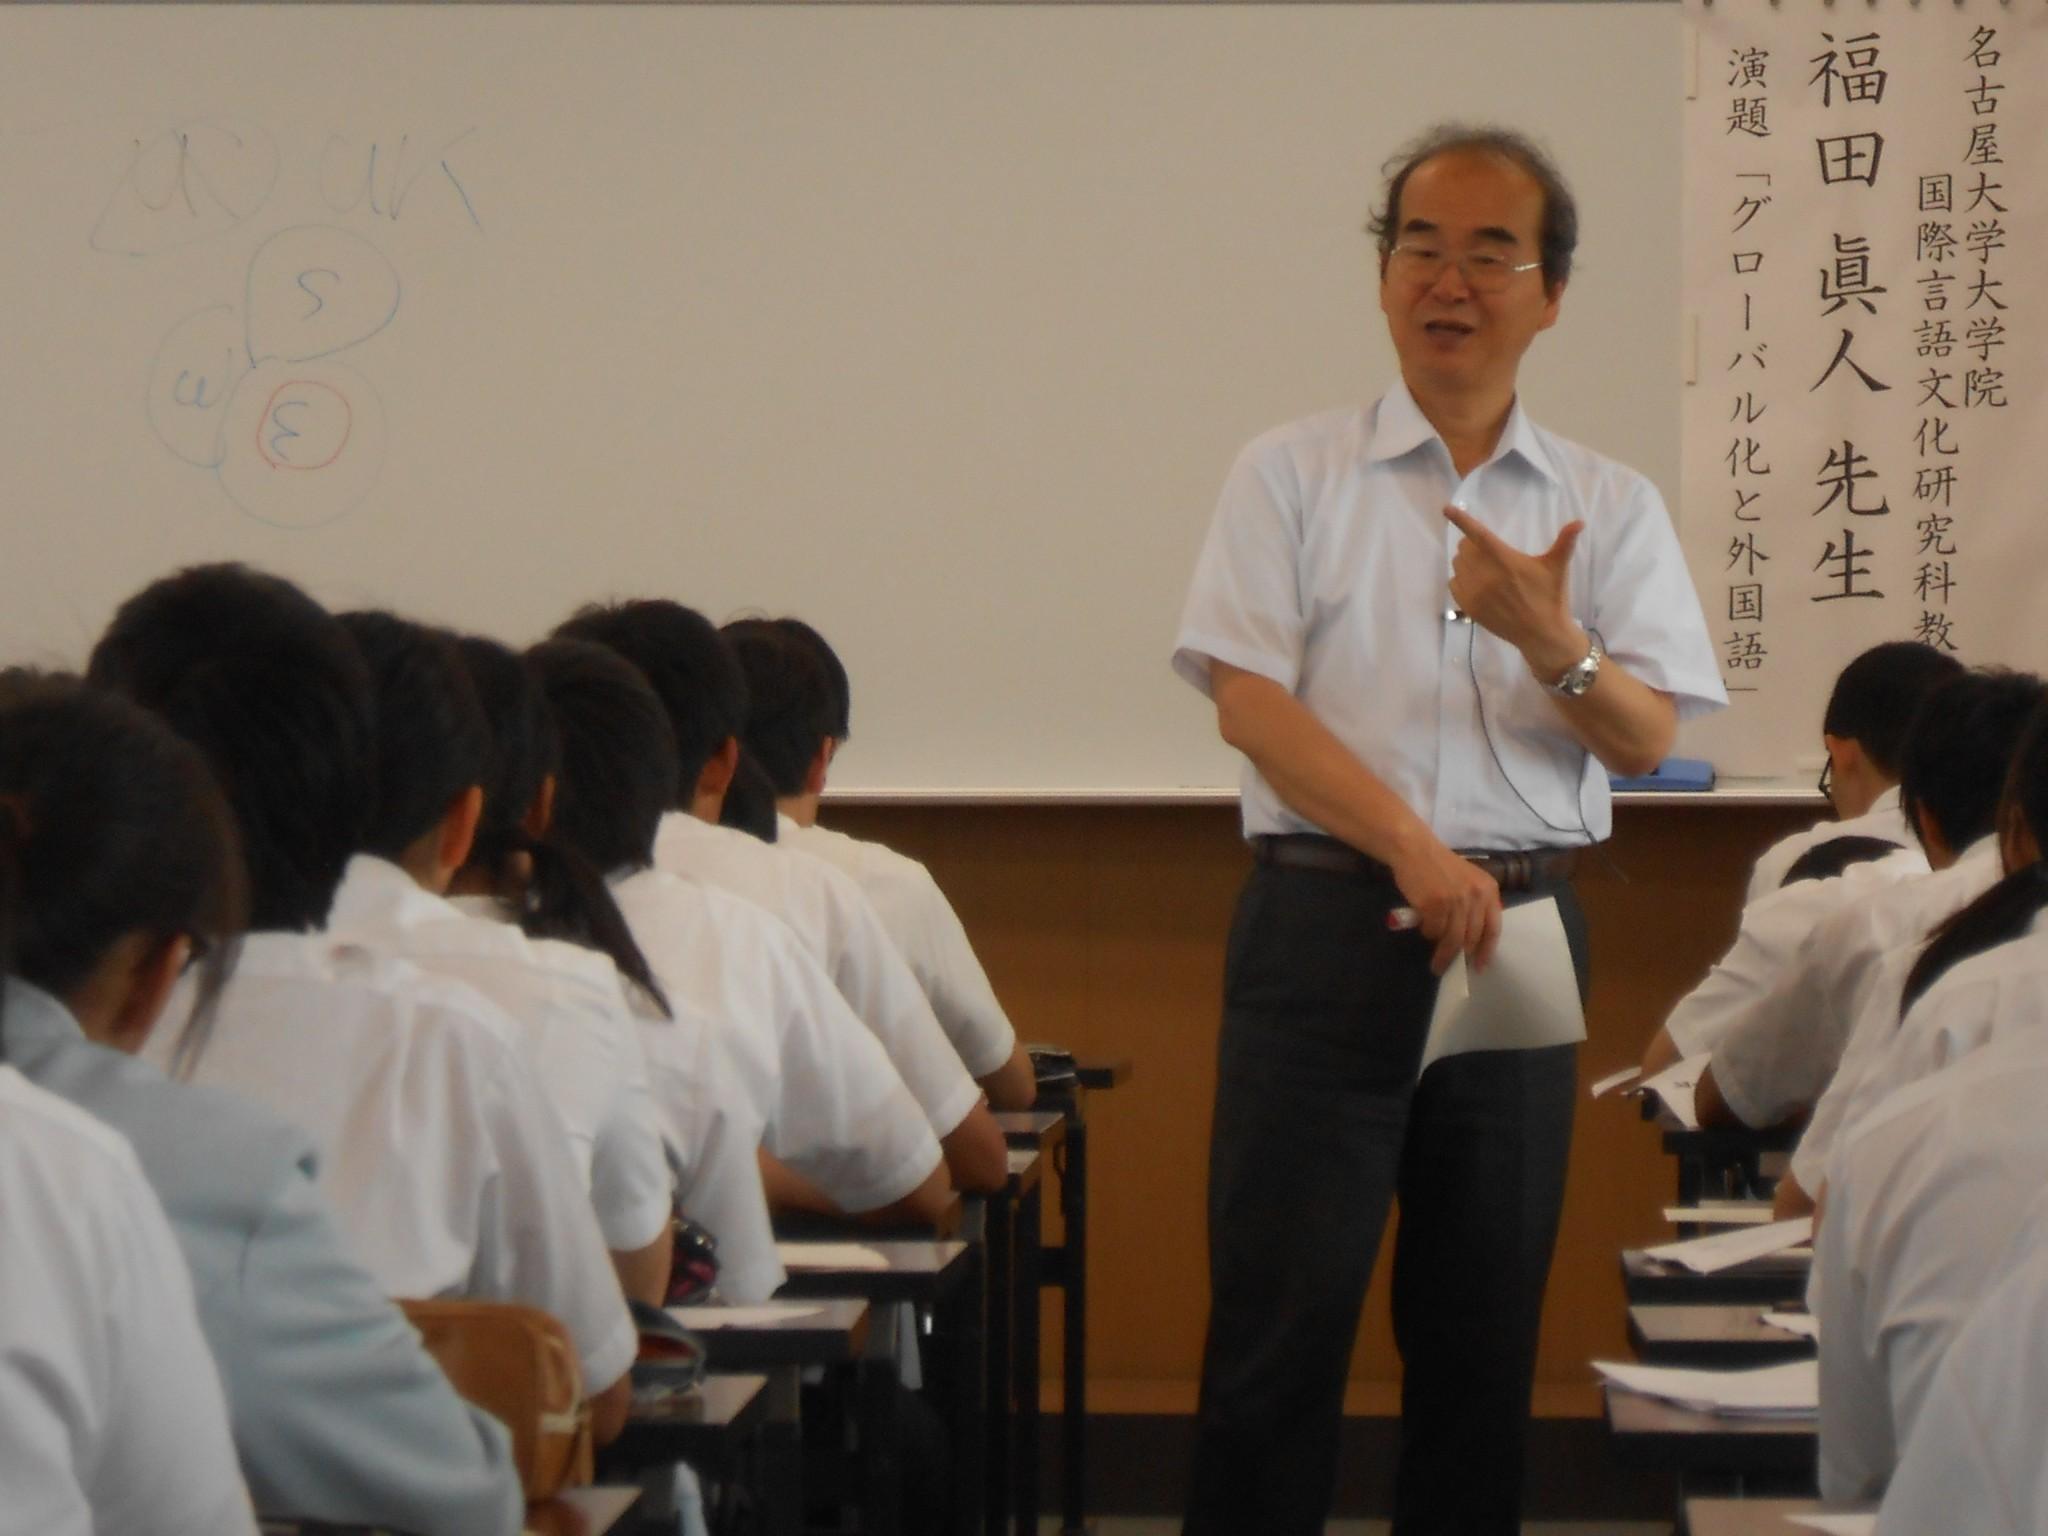 福田眞人先生